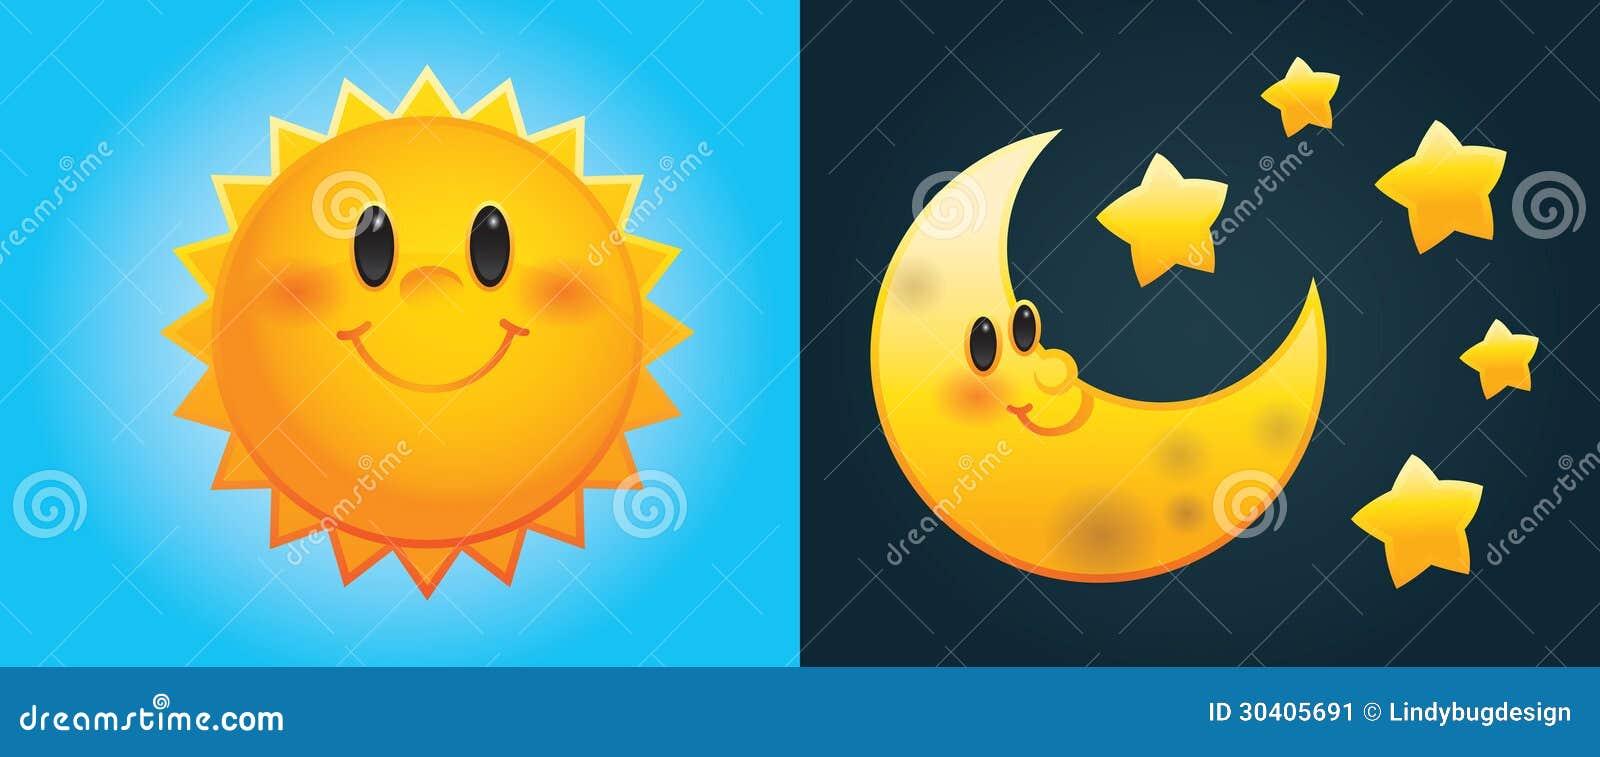 Sol y luna de la historieta